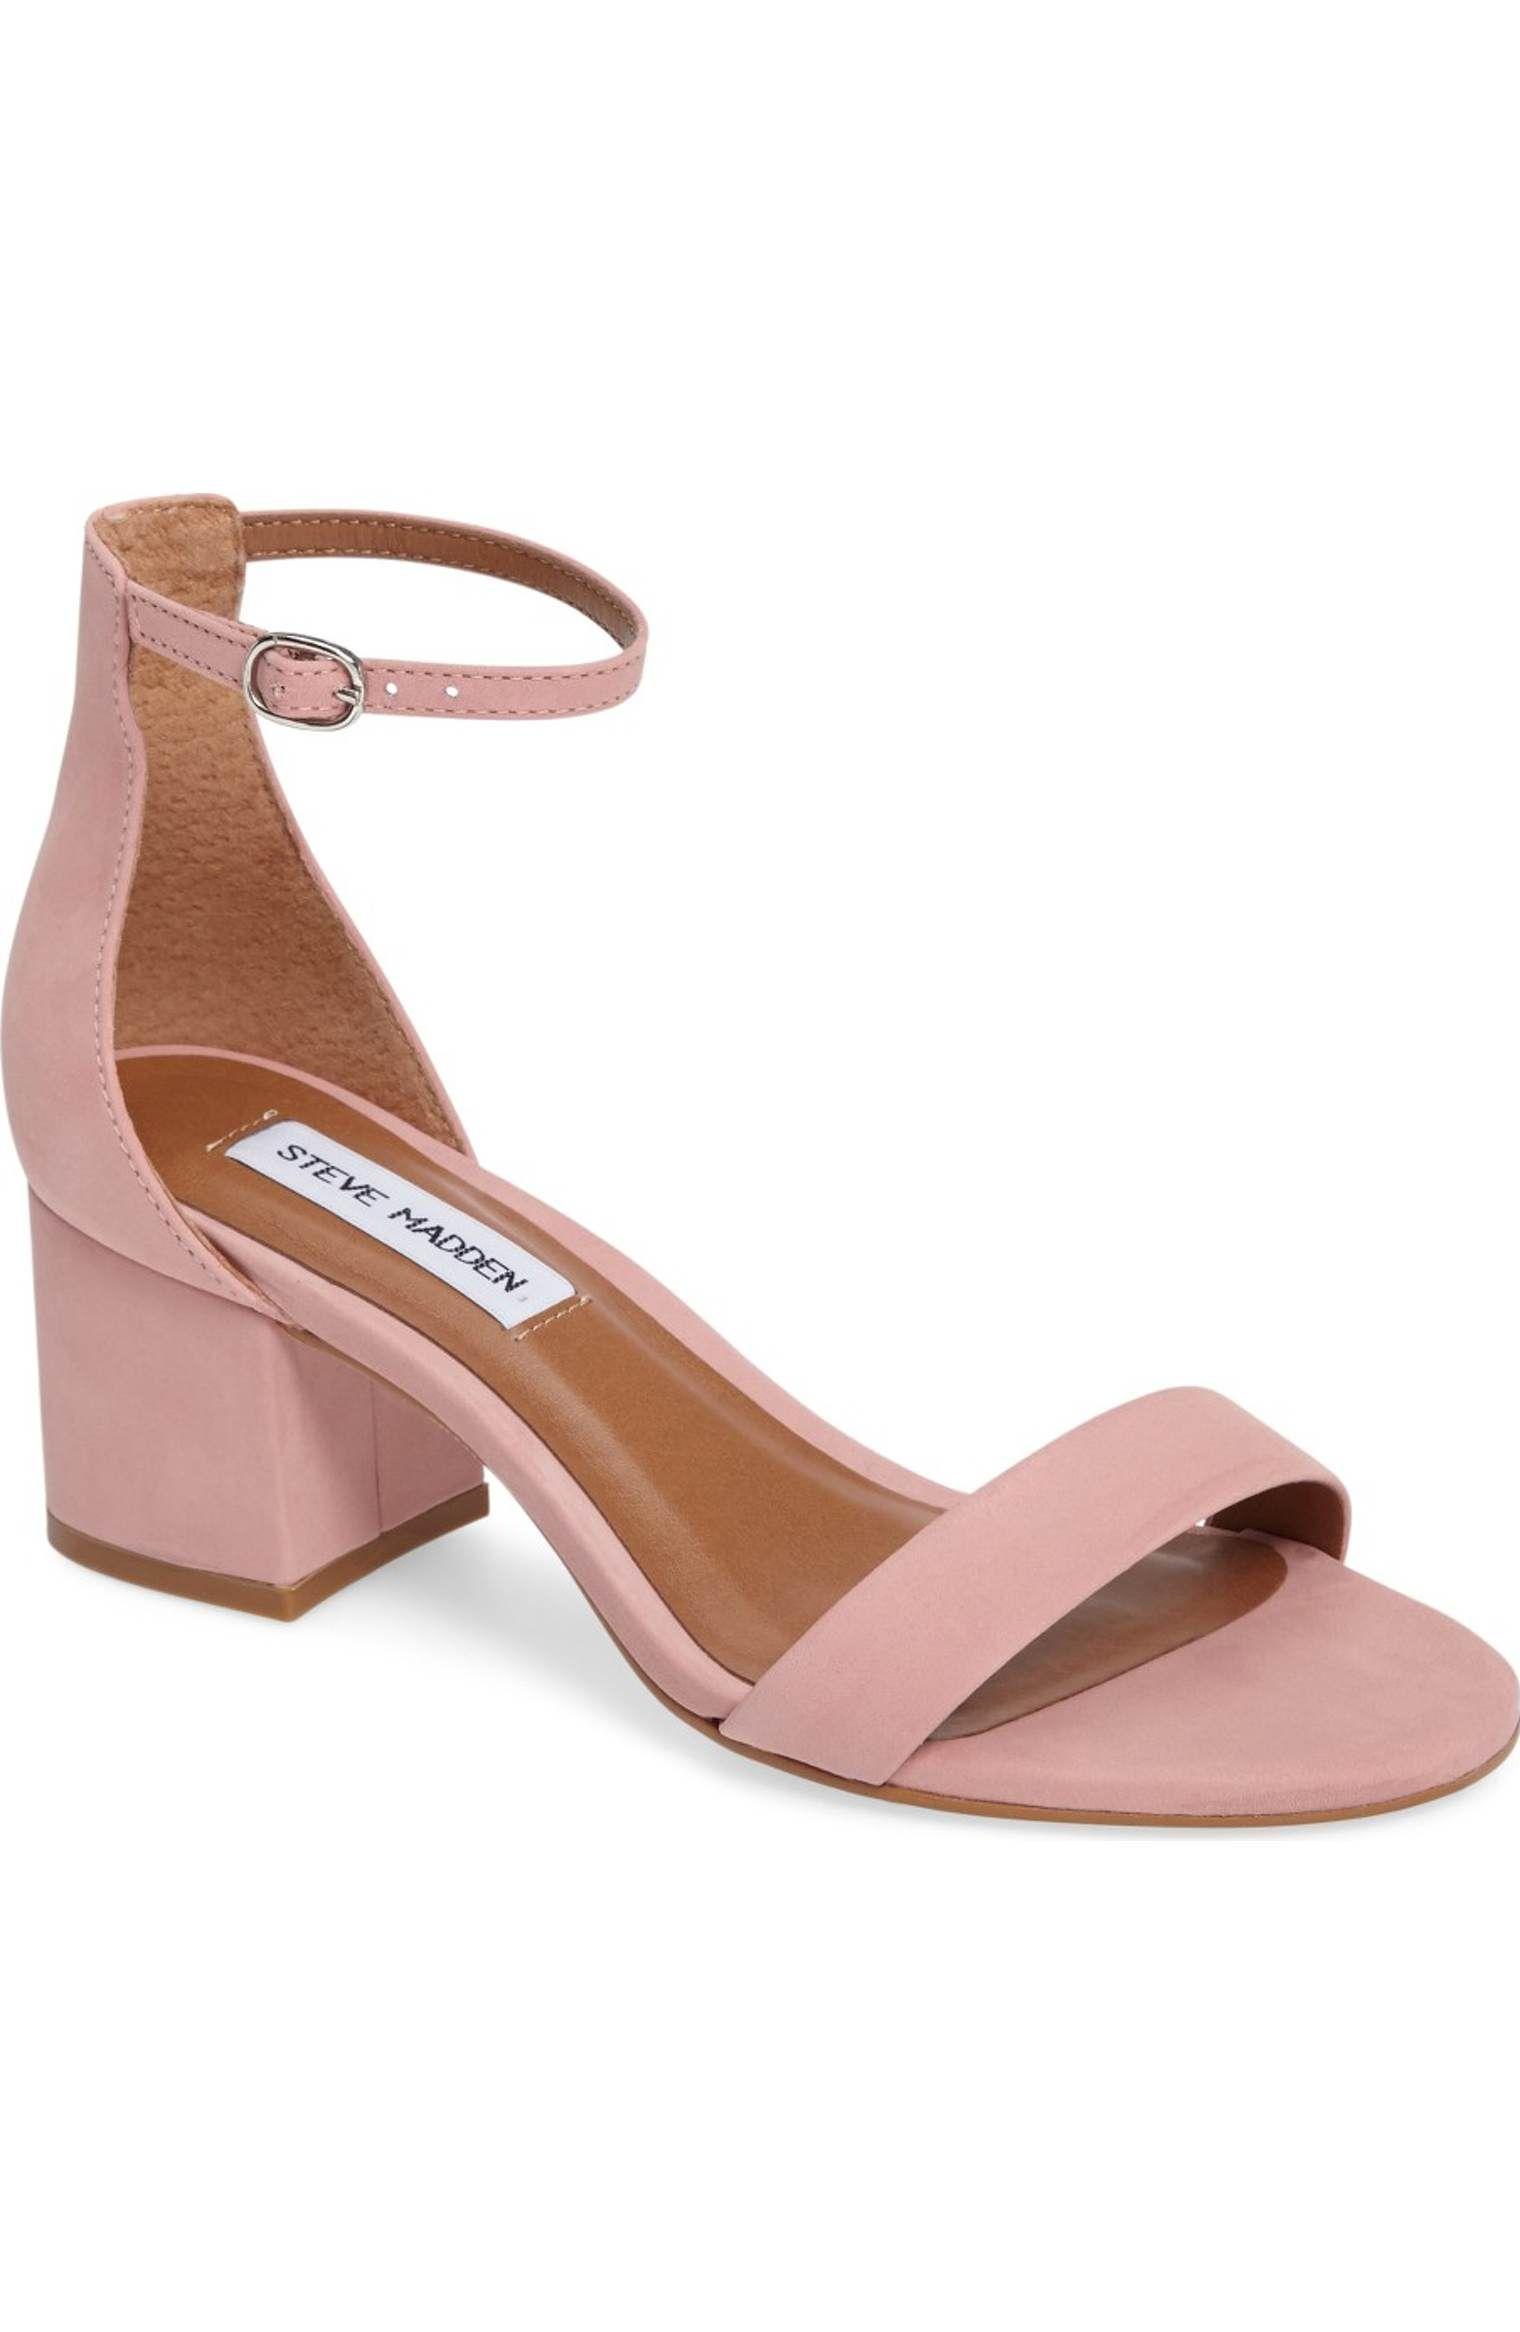 Main Image - Steve Madden 'Irenee' Ankle Strap Sandal (Women)